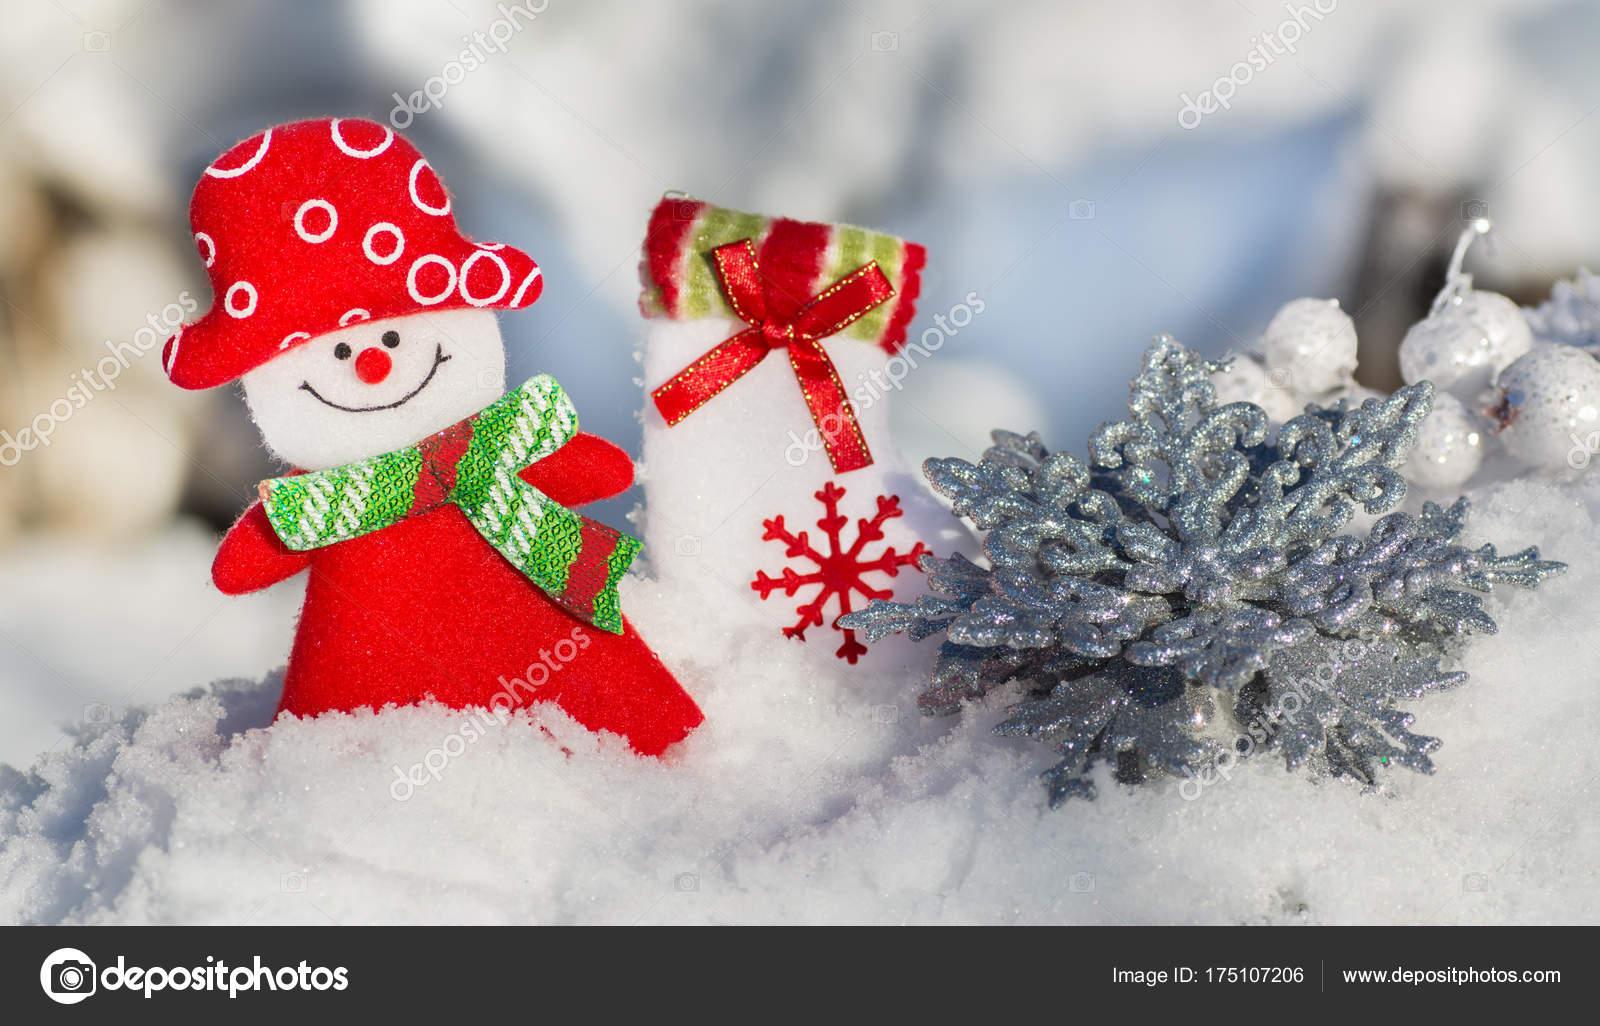 bonhomme neige noël carte fille flocon neige argenté chaussette noël